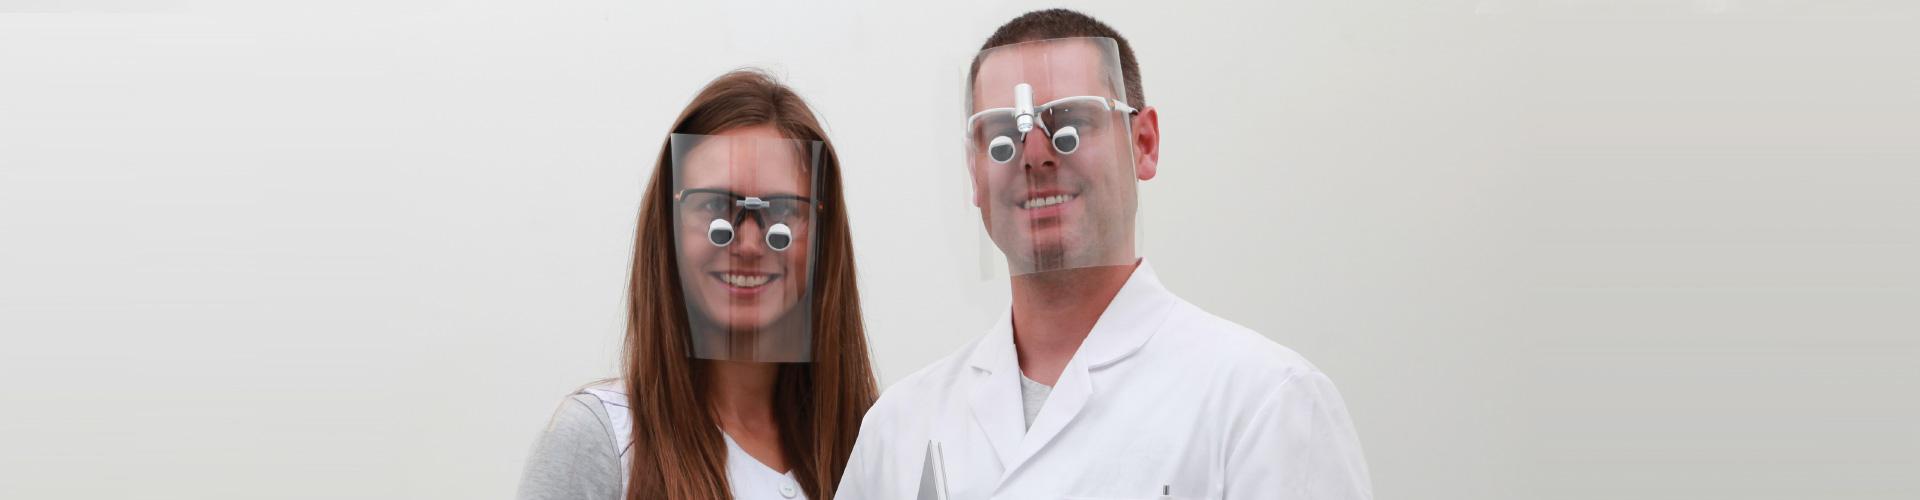 Mann und Frau tragen protect-on infektionsschutz in Kombination mit opt-on